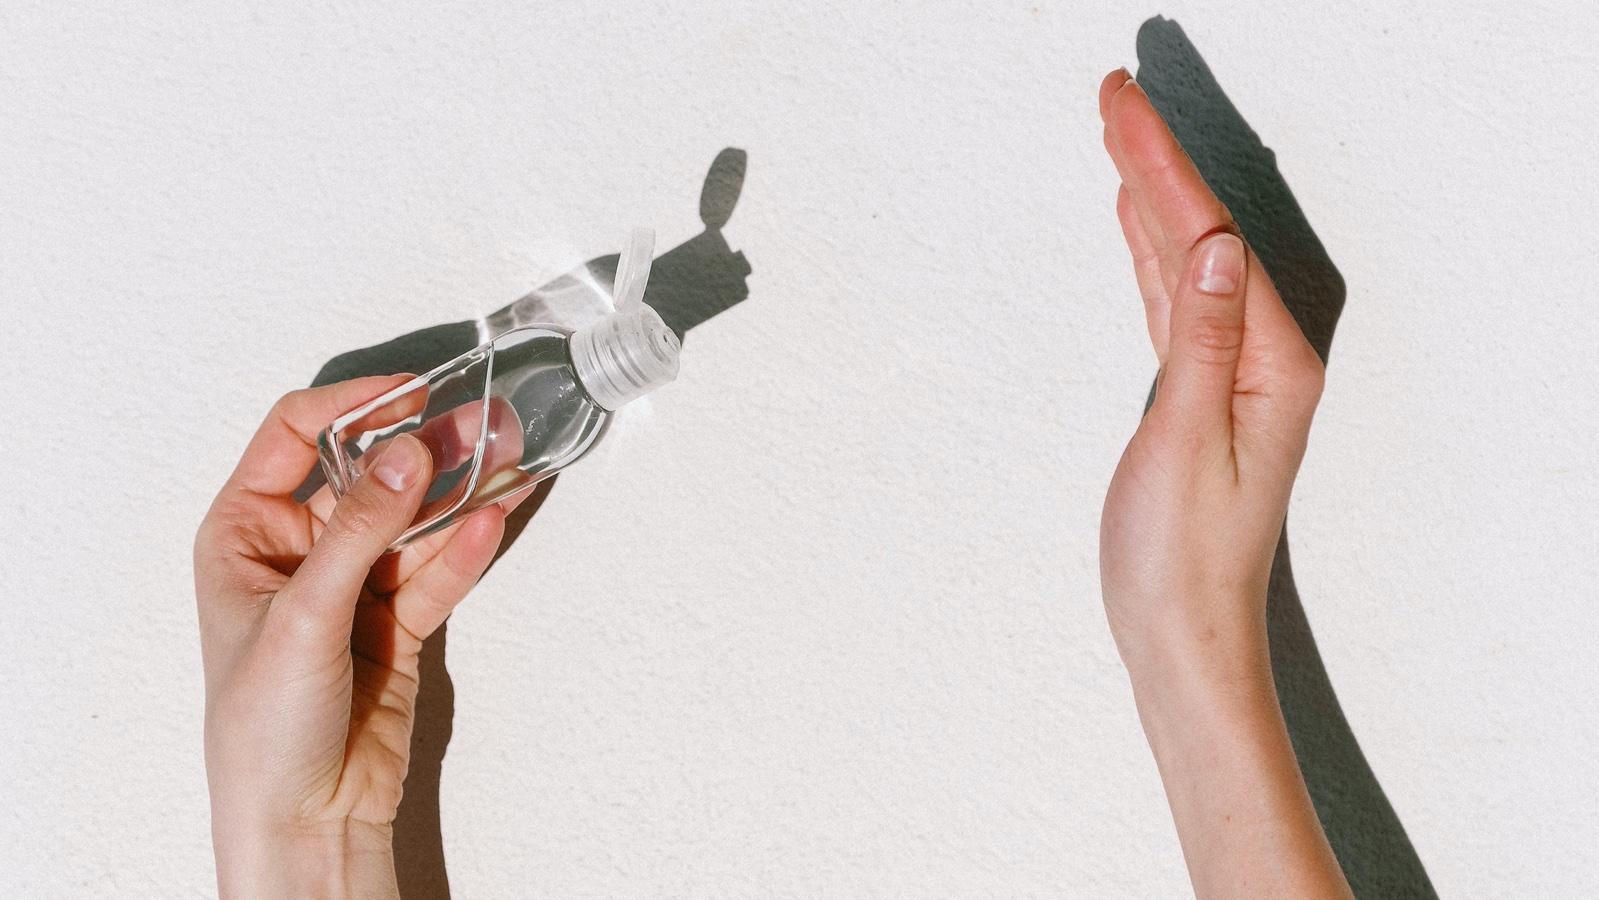 Pessoa passando álcool em gel na mão. Crédito: Pexels